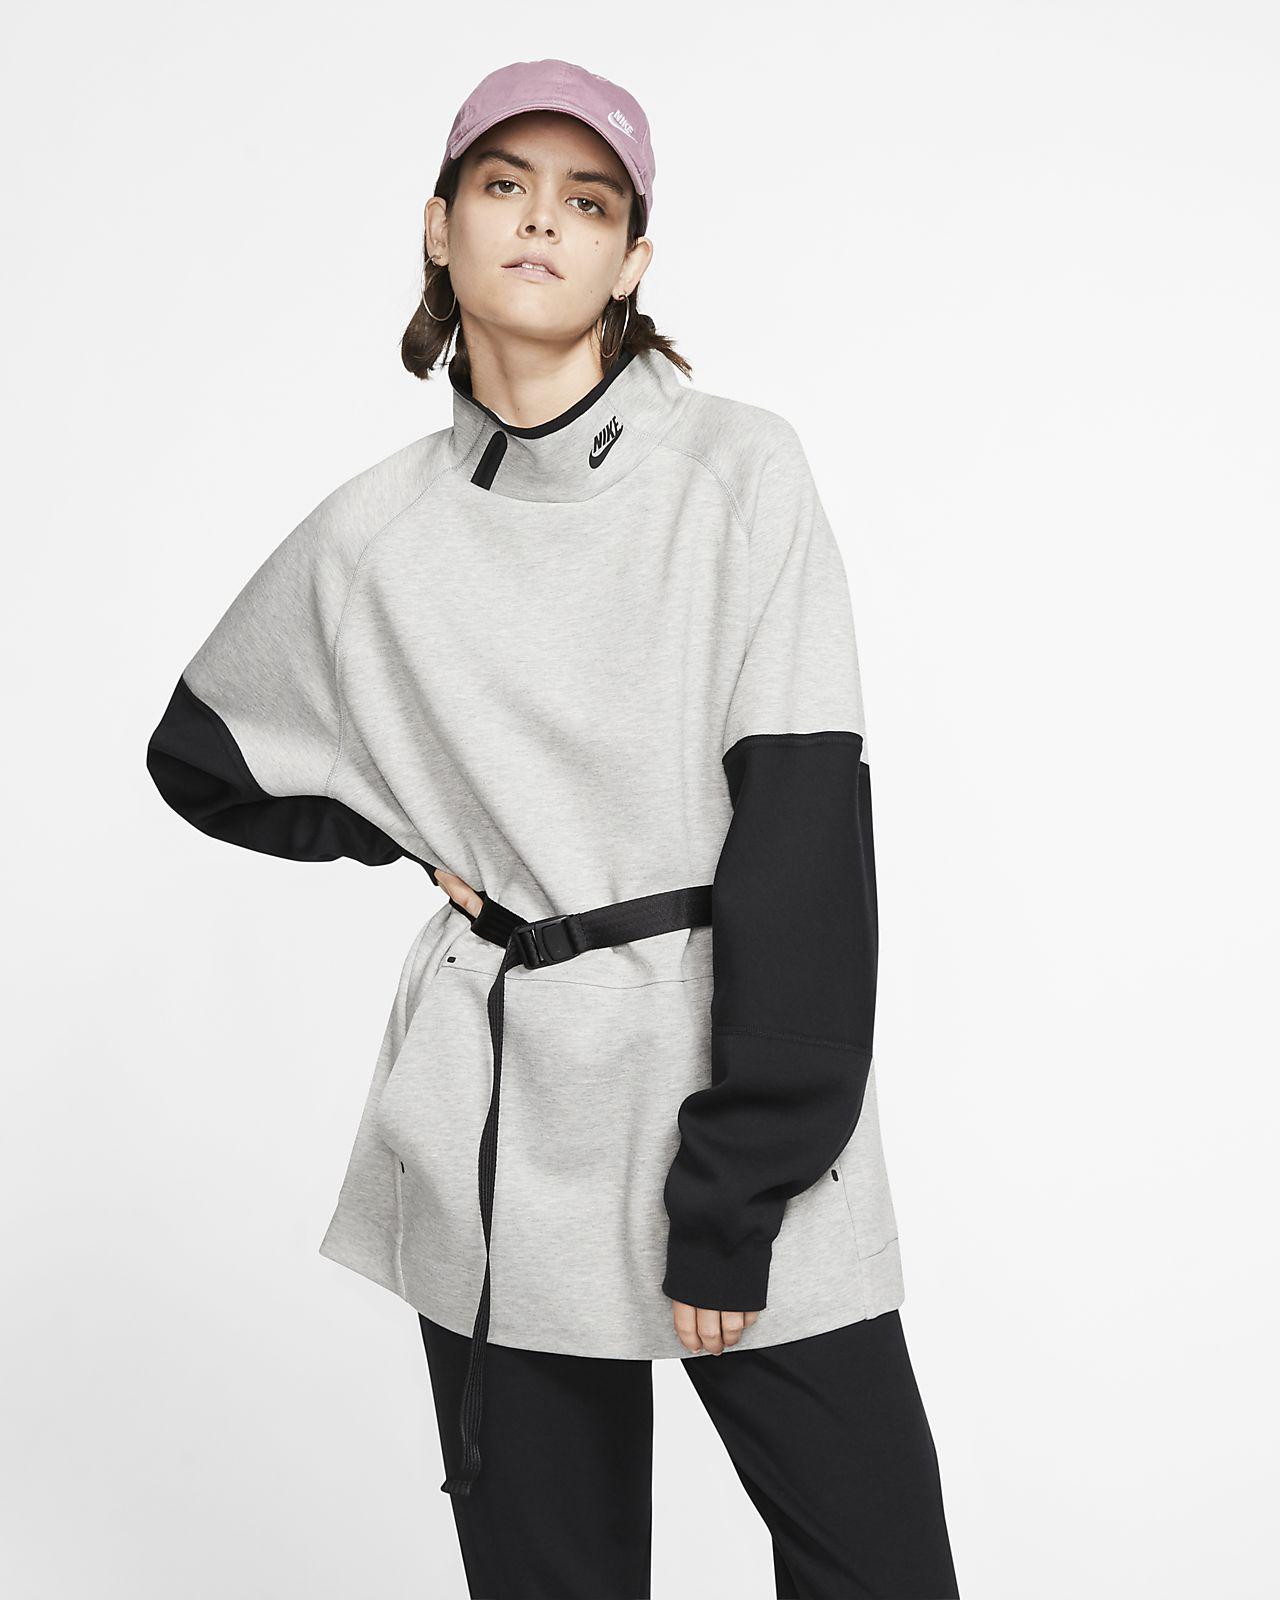 Nike Sportswear Tech Fleece Women's Mock Neck Dress